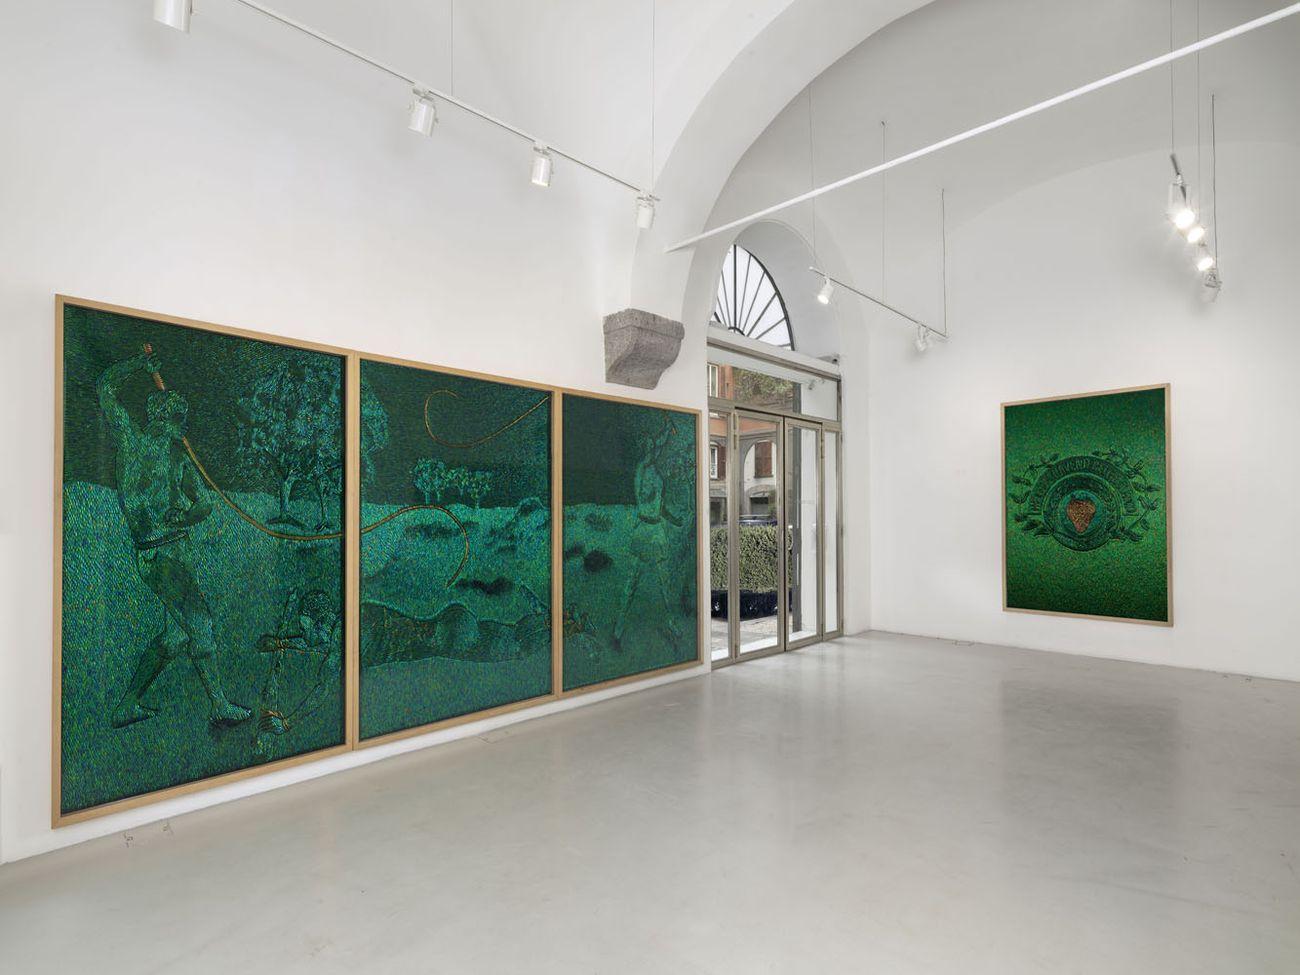 Jan Fabre, Omaggio a Hieronymus Bosch in Congo, 2019. Installation view at Studio Trisorio, Napoli 2019 © photo Grafiluce - L. Romano 2019